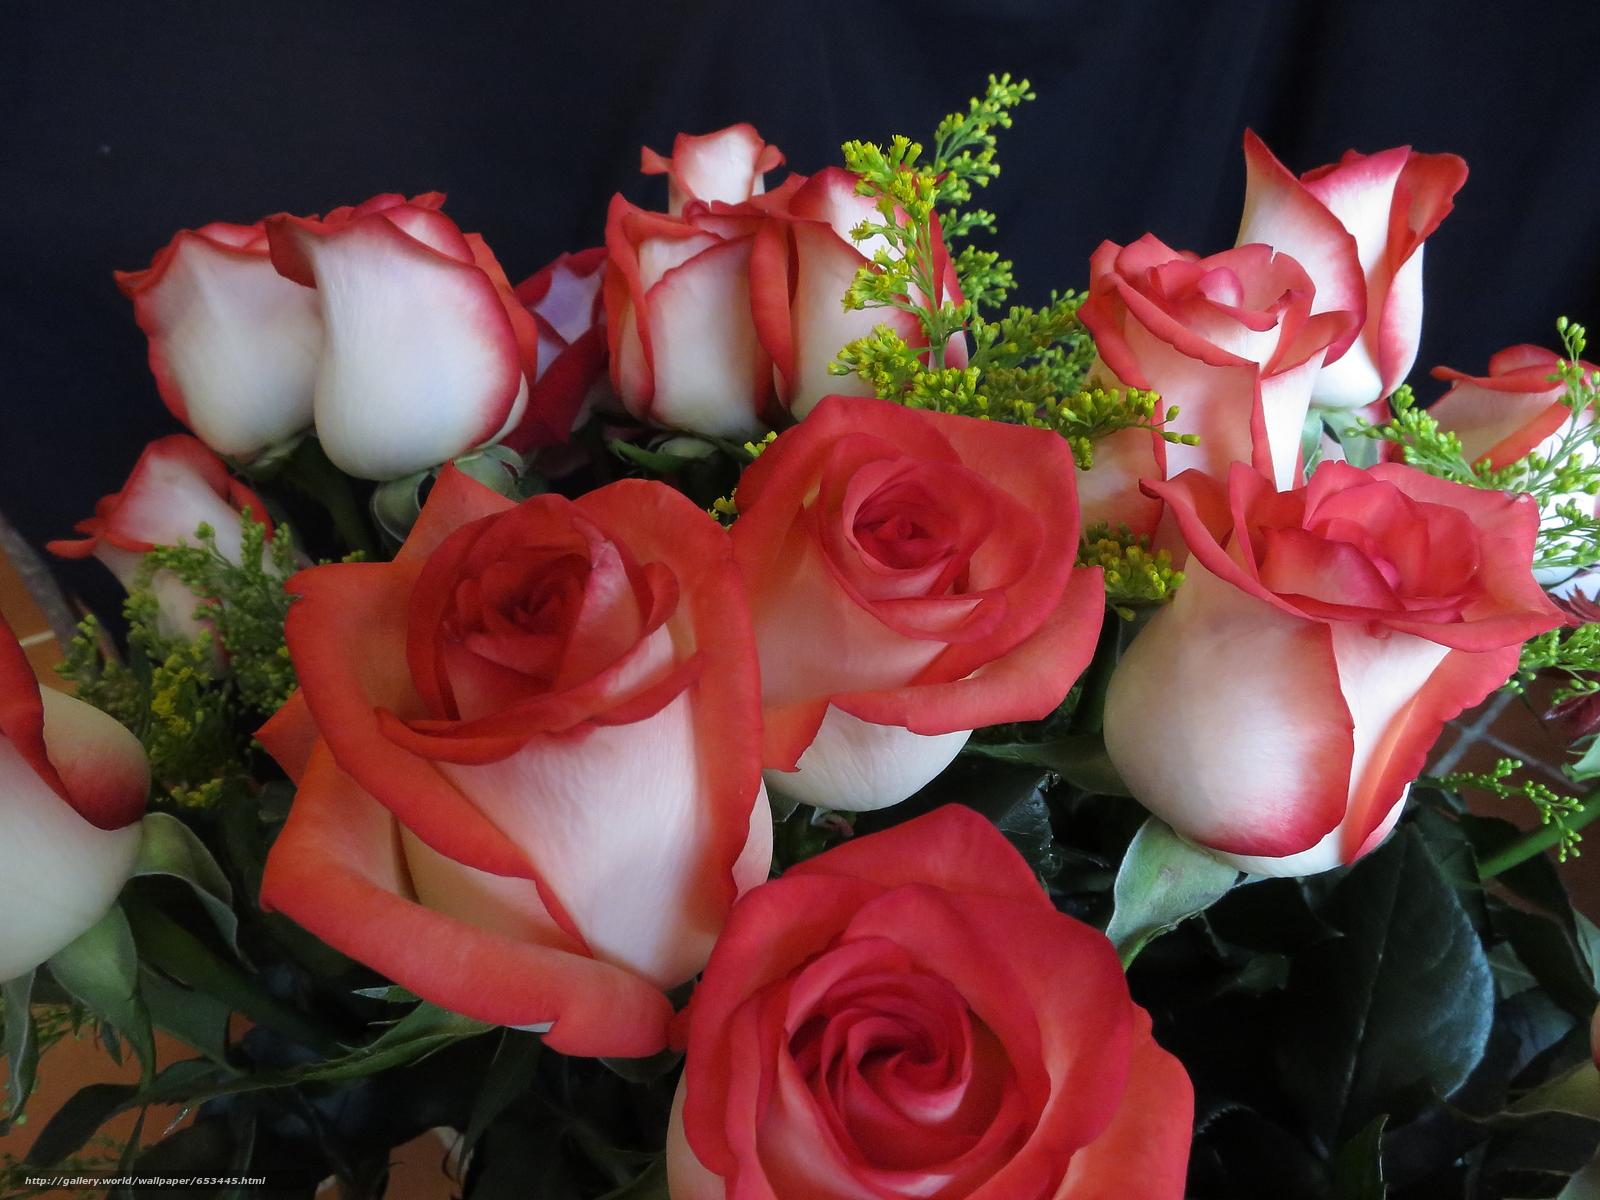 плитка красивые картинки супер красивых роз сводить буду больше